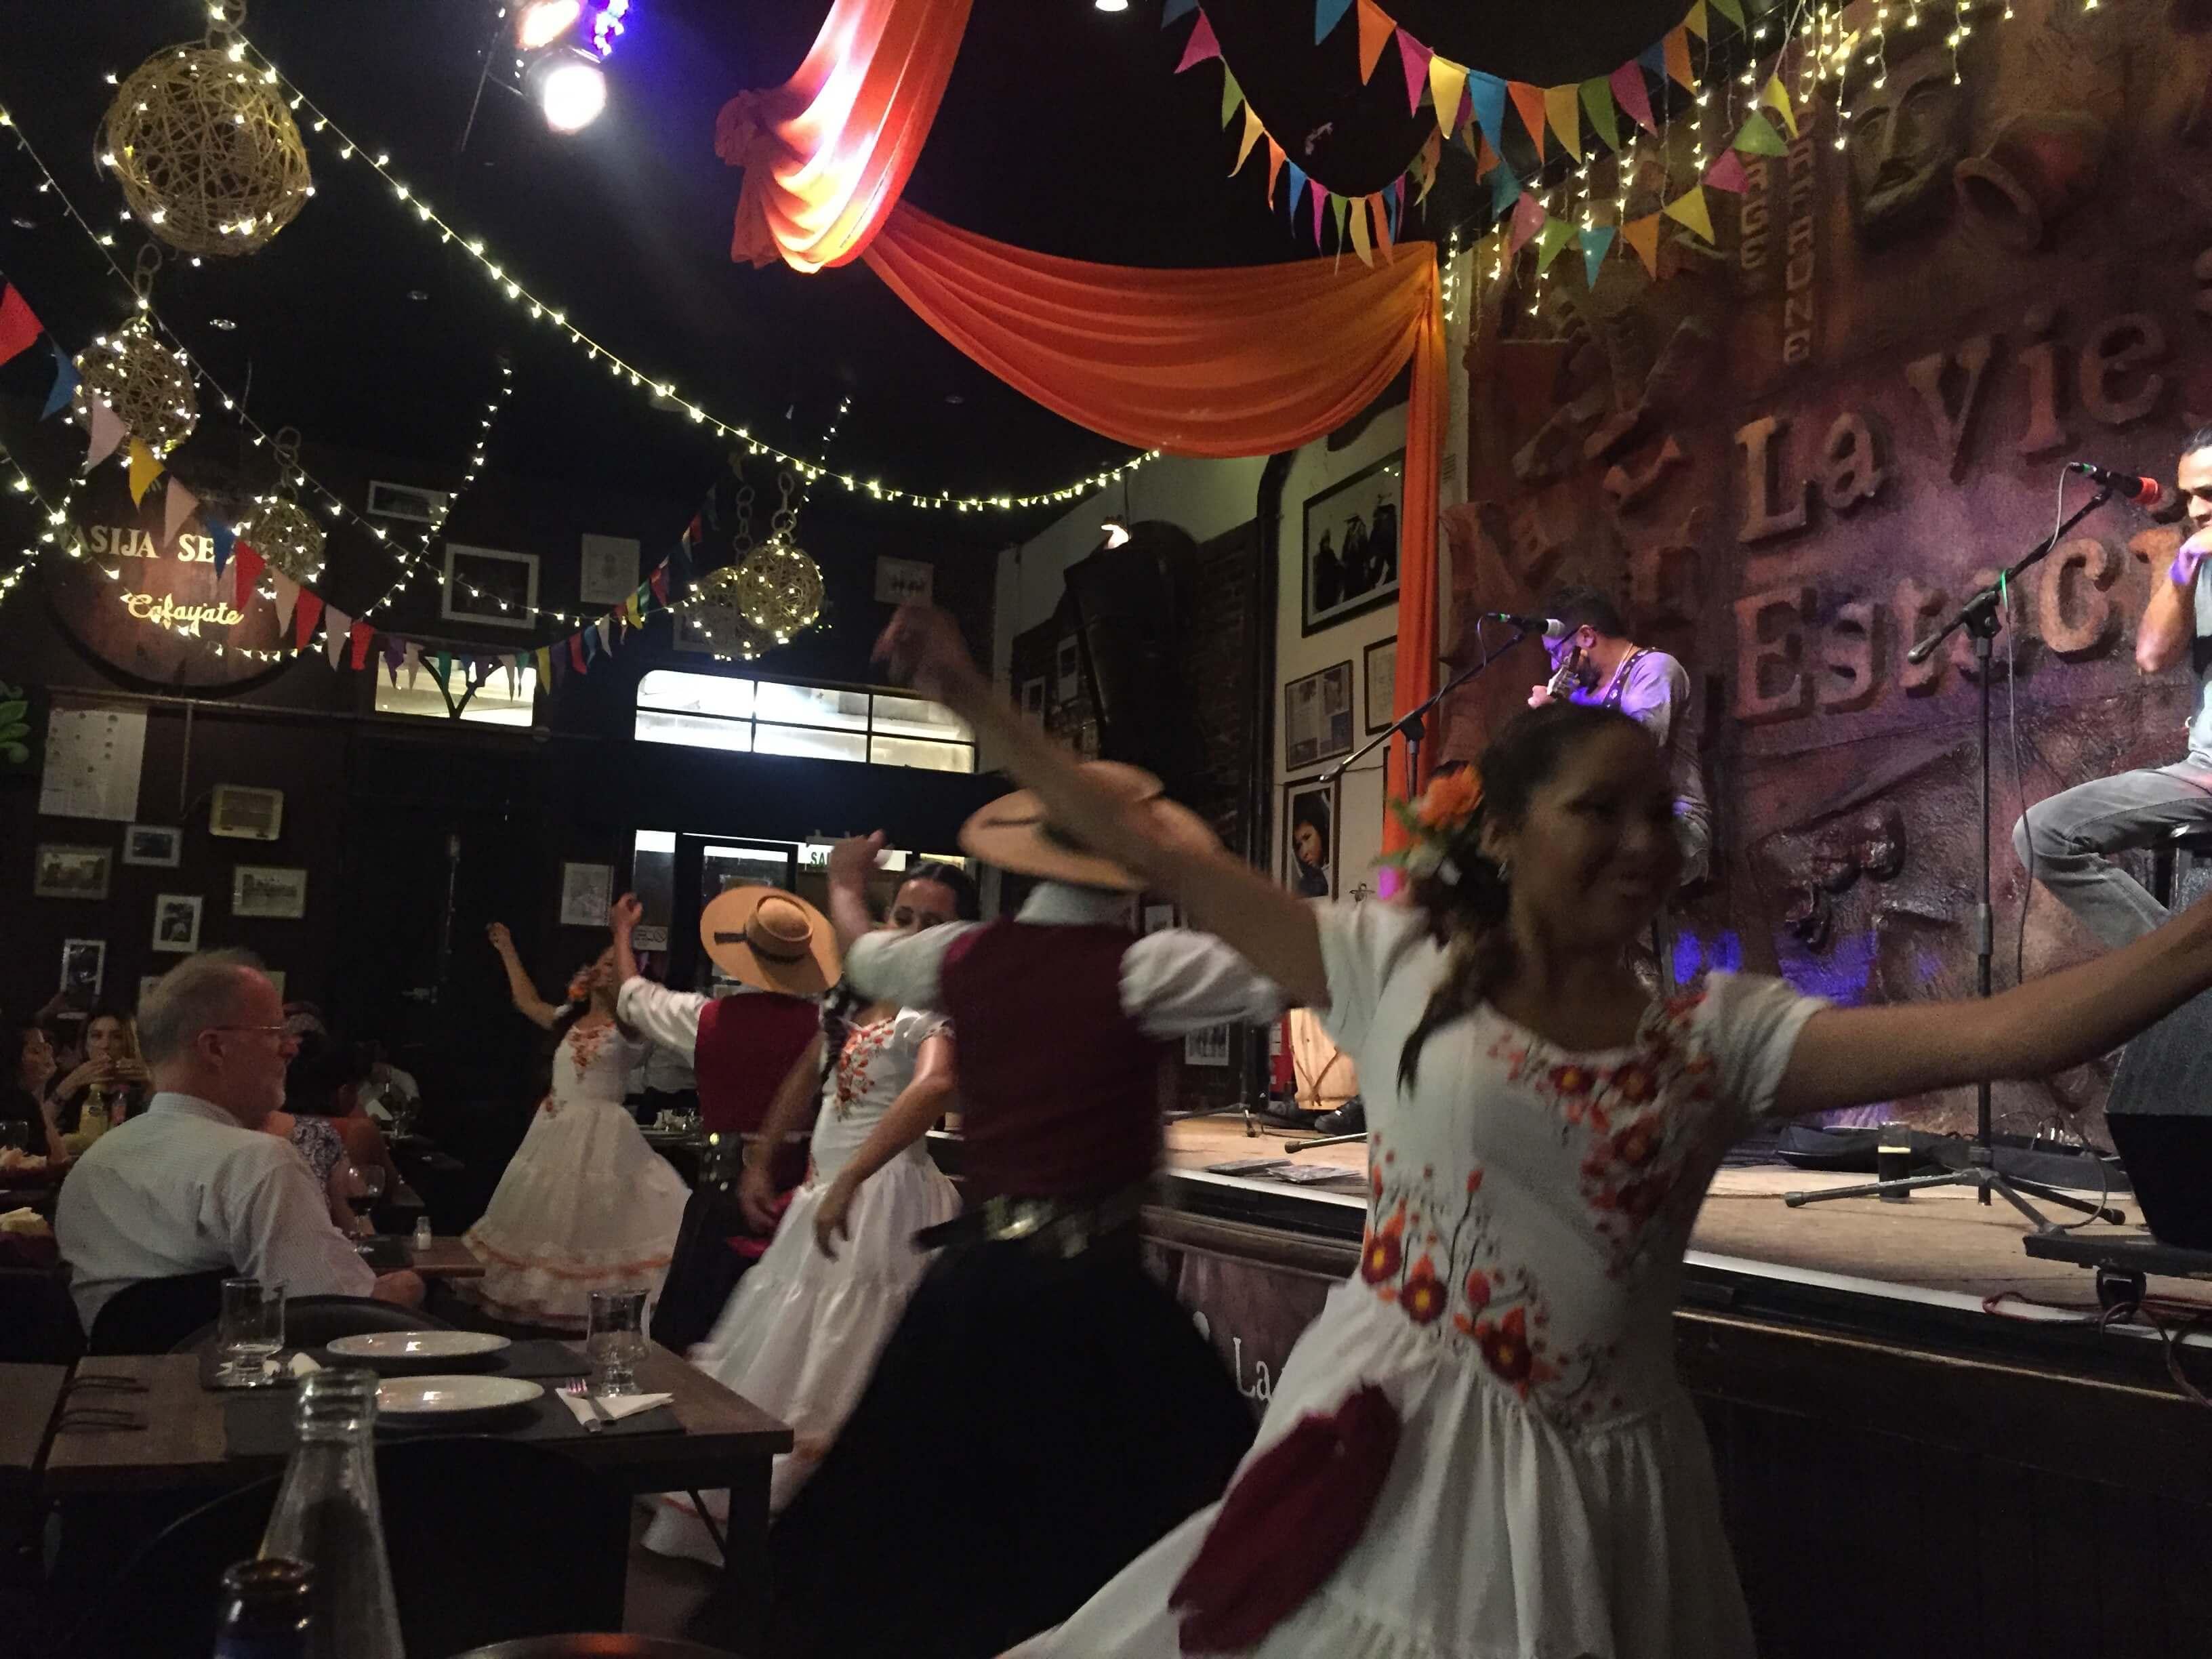 Dancing at La Vieja Estación